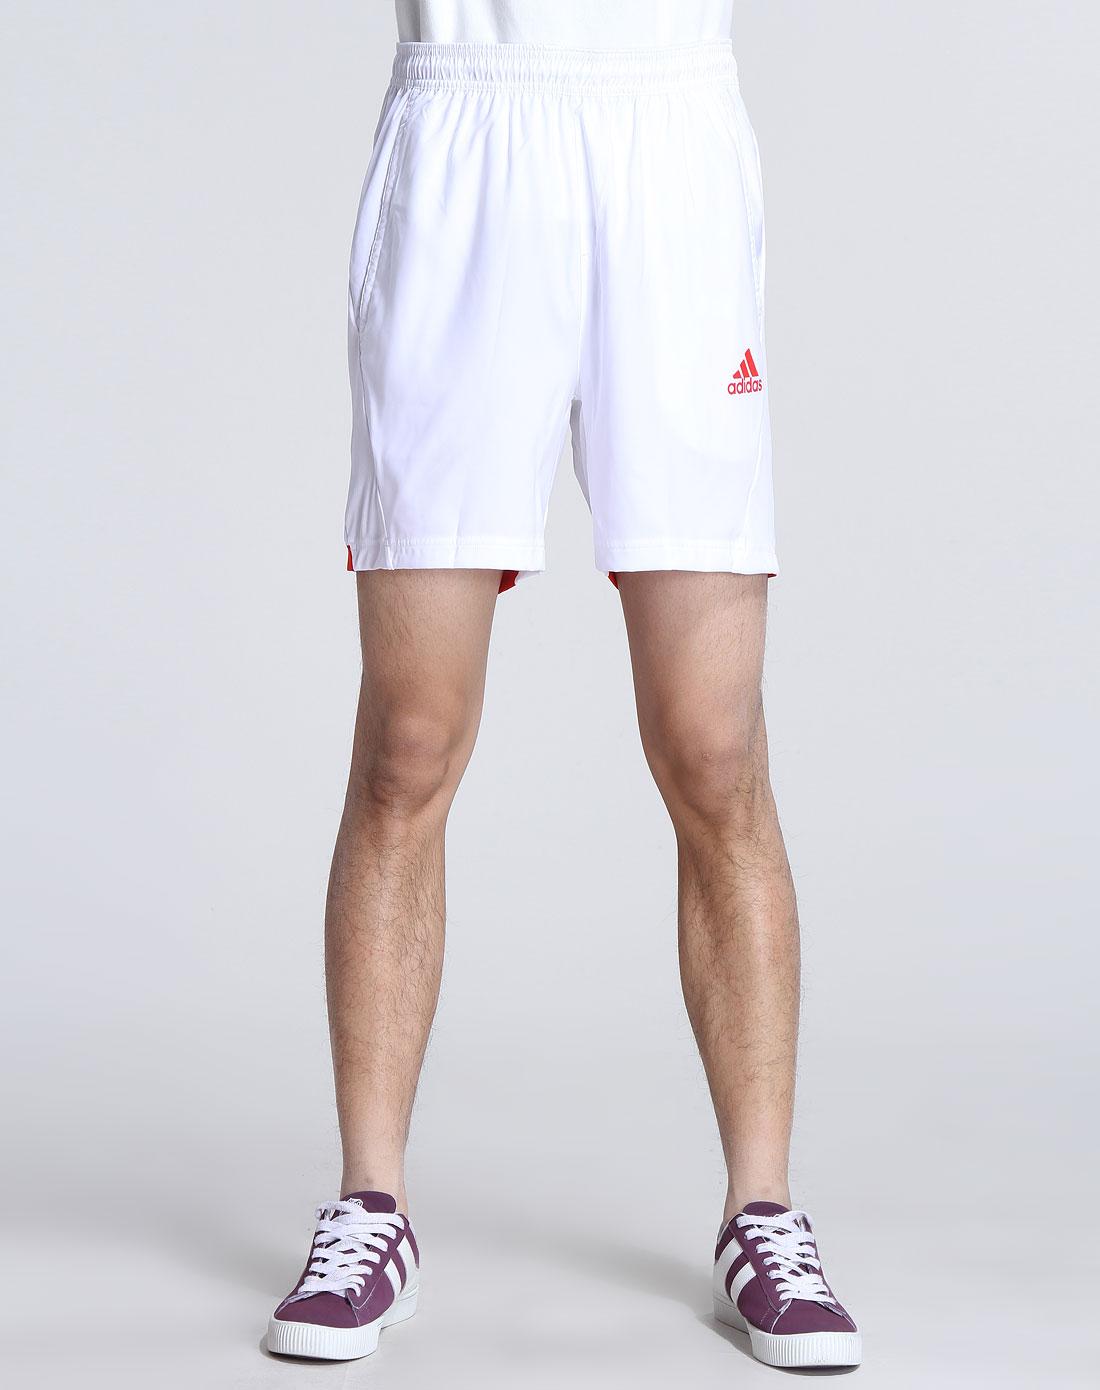 阿迪达斯adidas男装专场-男款白色休闲运动短裤